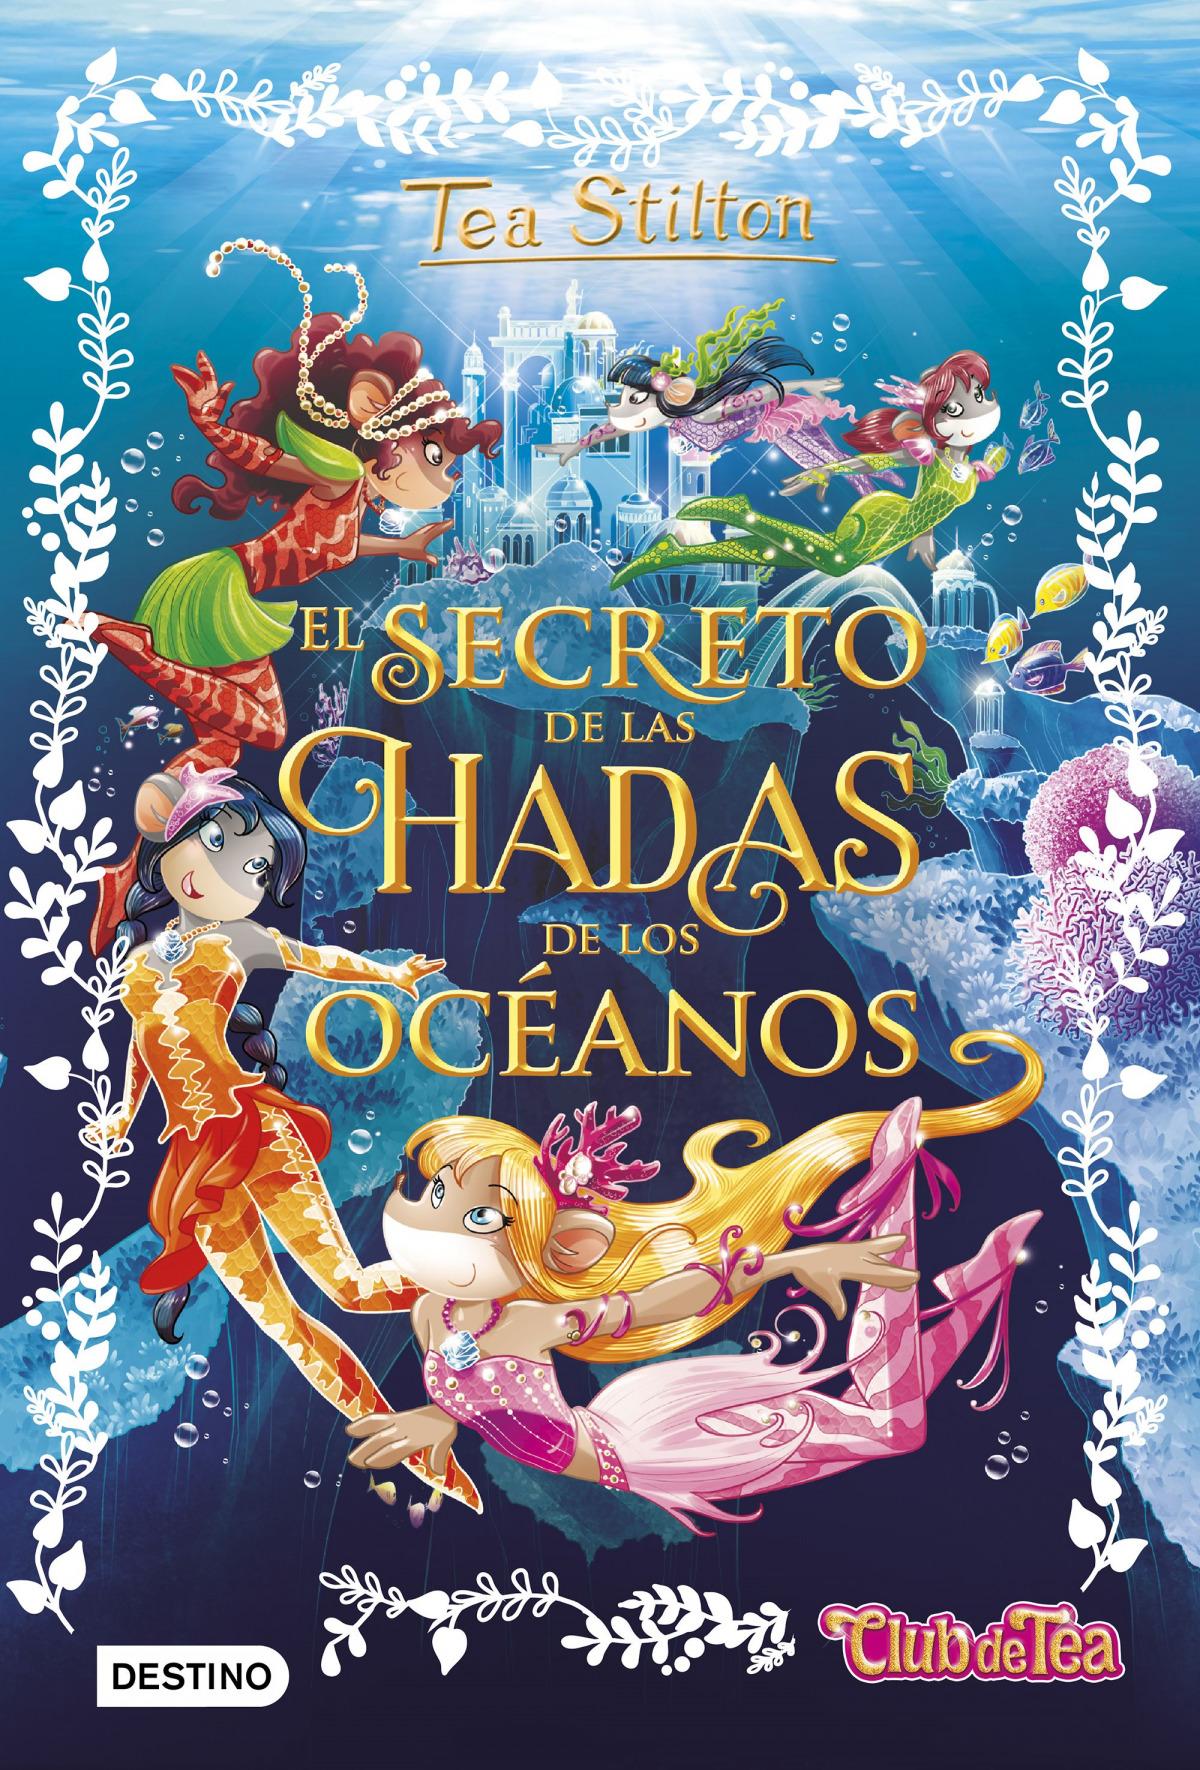 TEA STILTON EL SECRETO DE LAS HADAS DE LOS OCEANOS